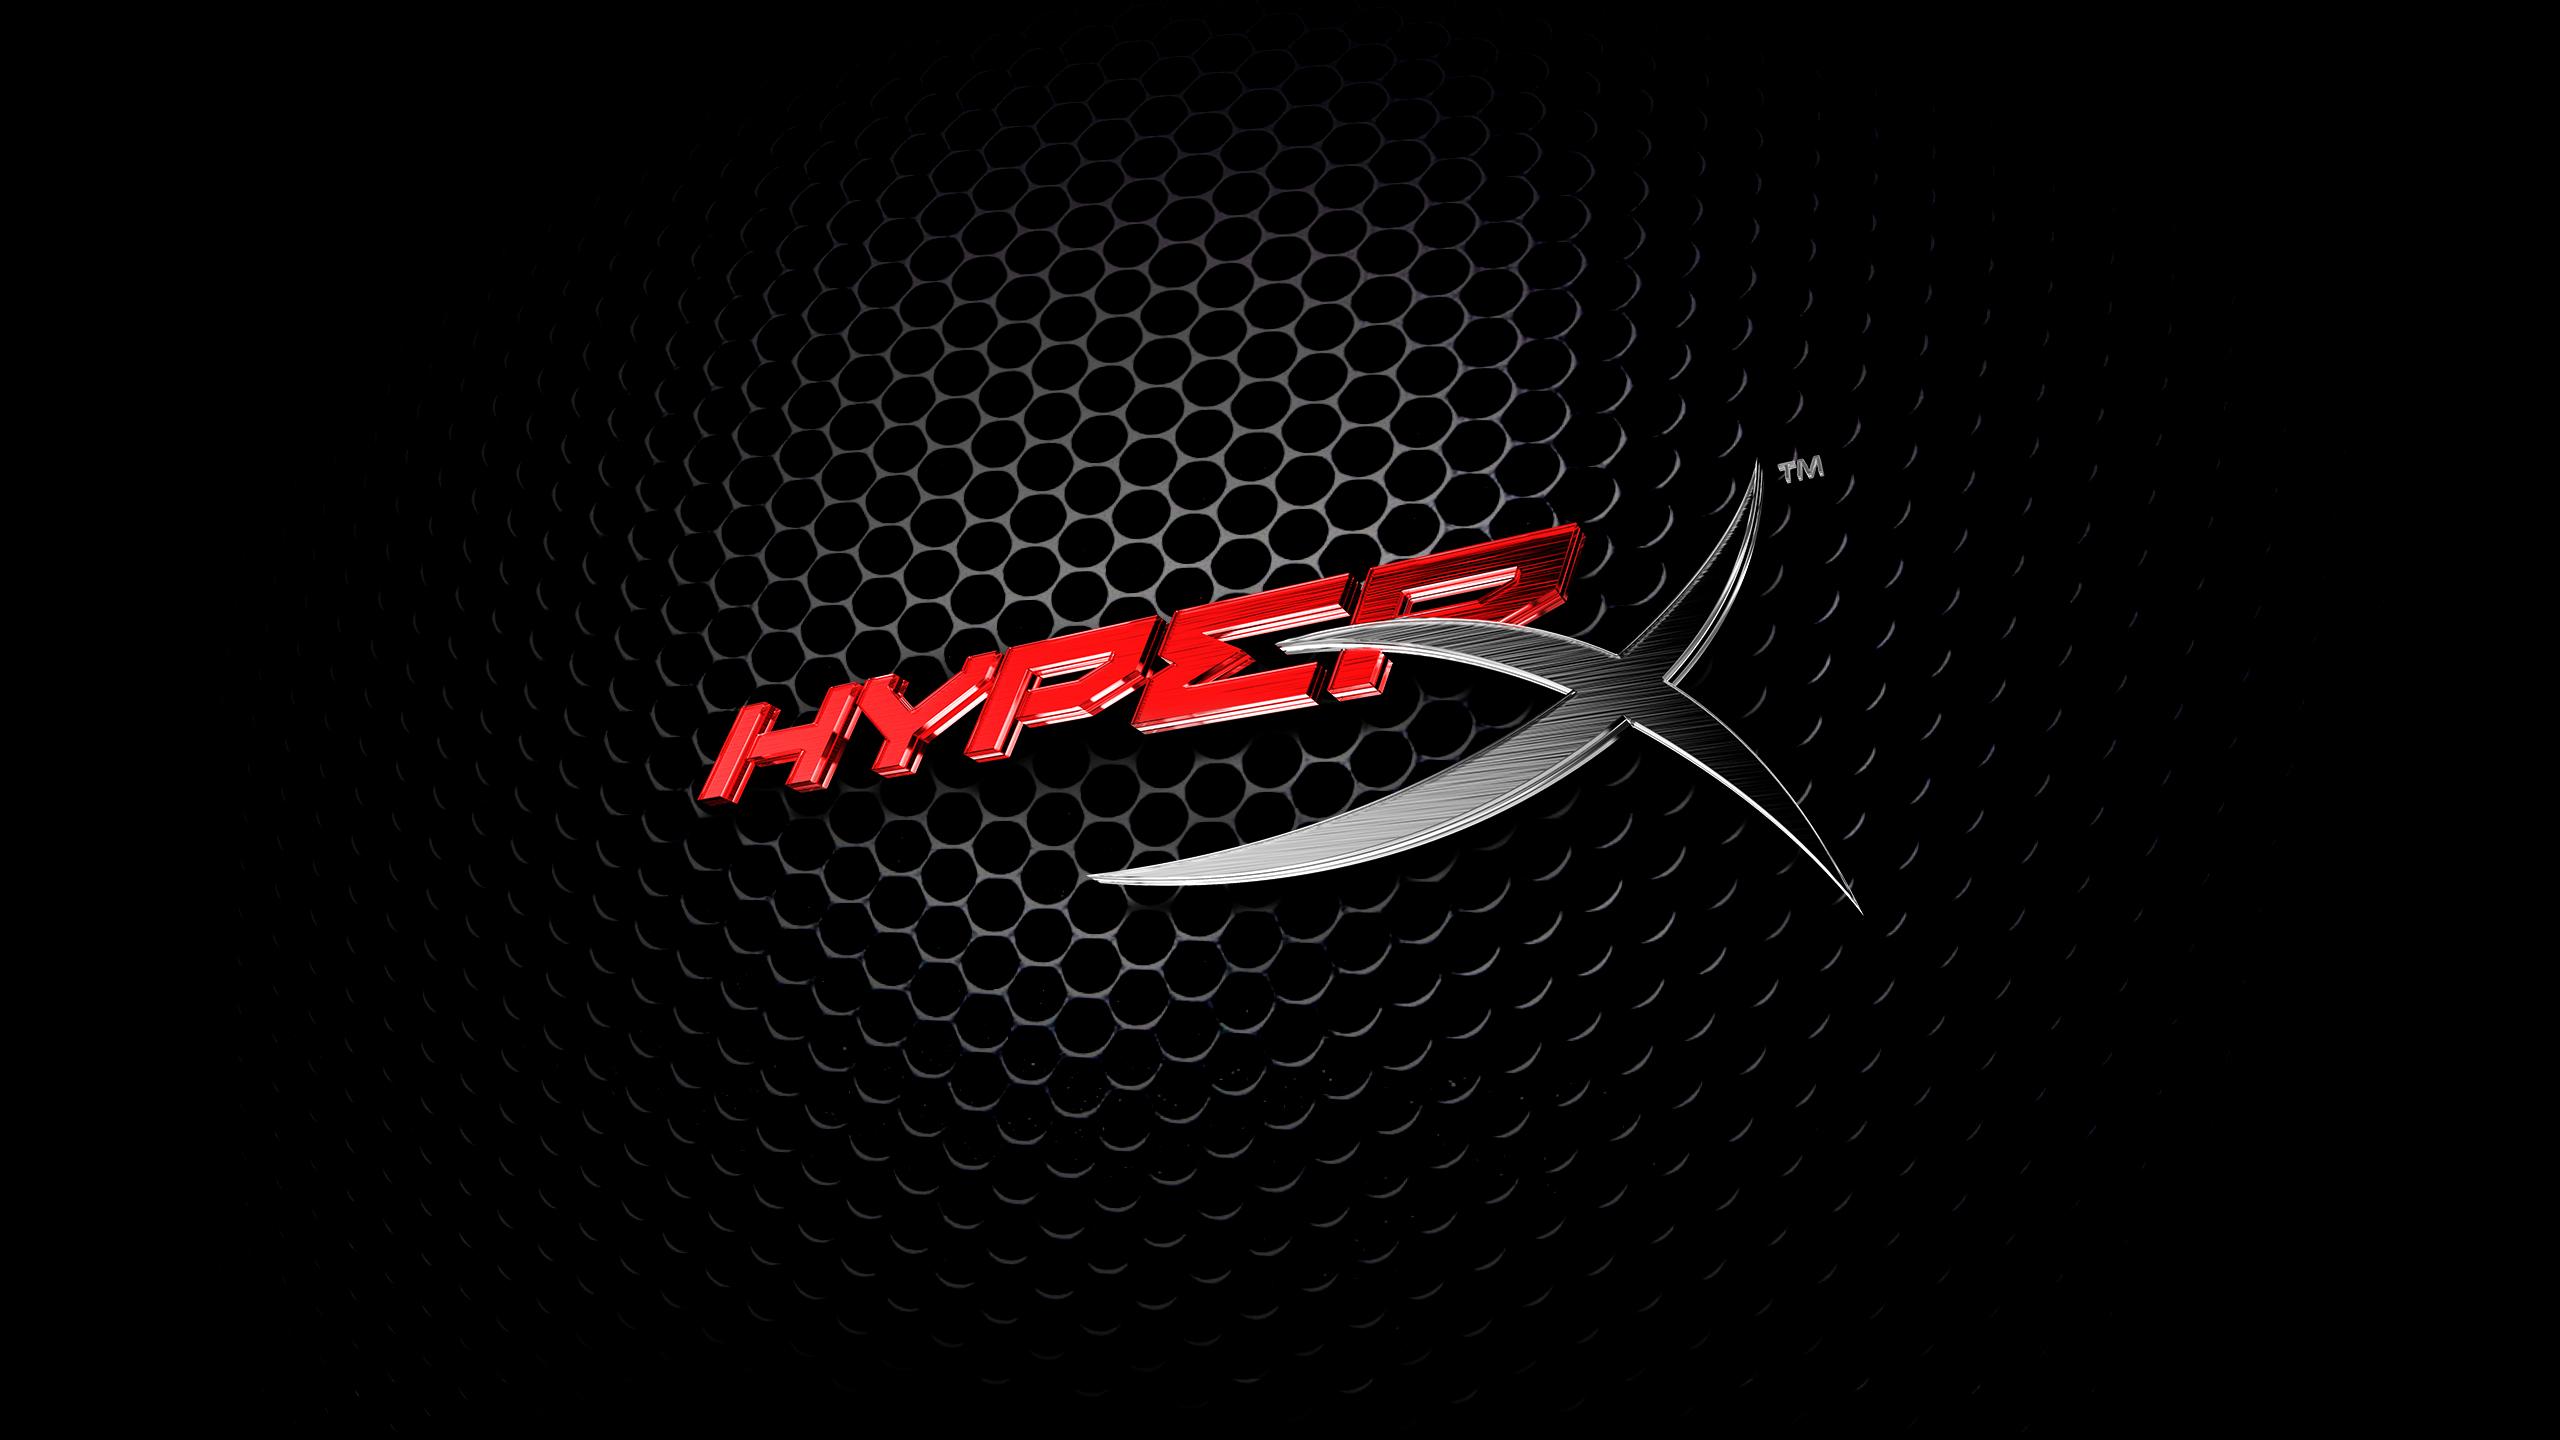 HyperX